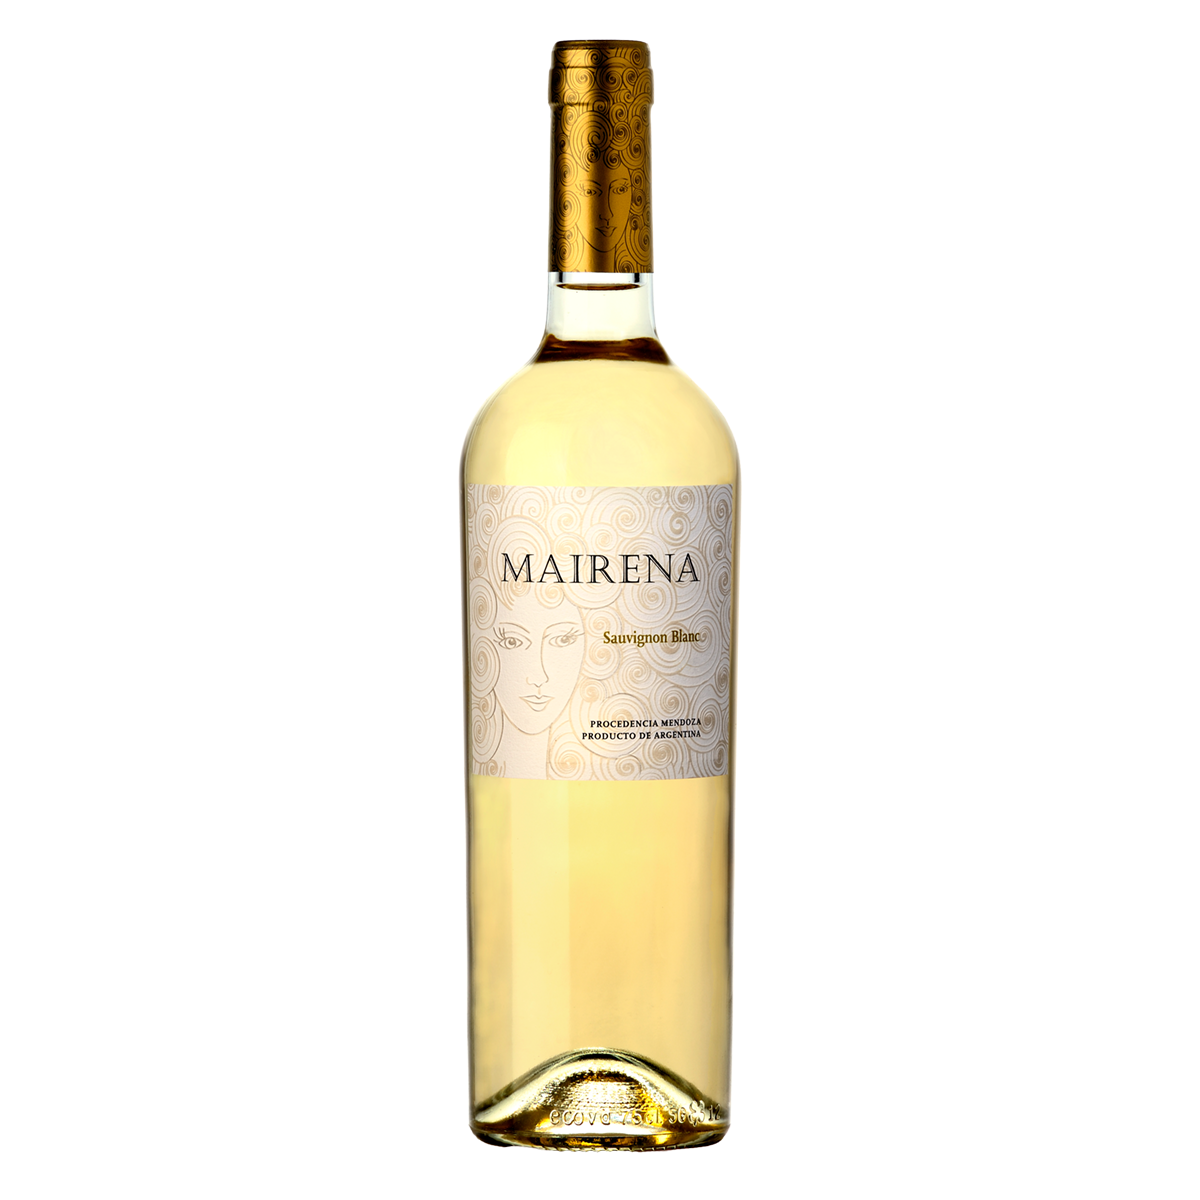 Mairena Sauvignon Blanc 2017